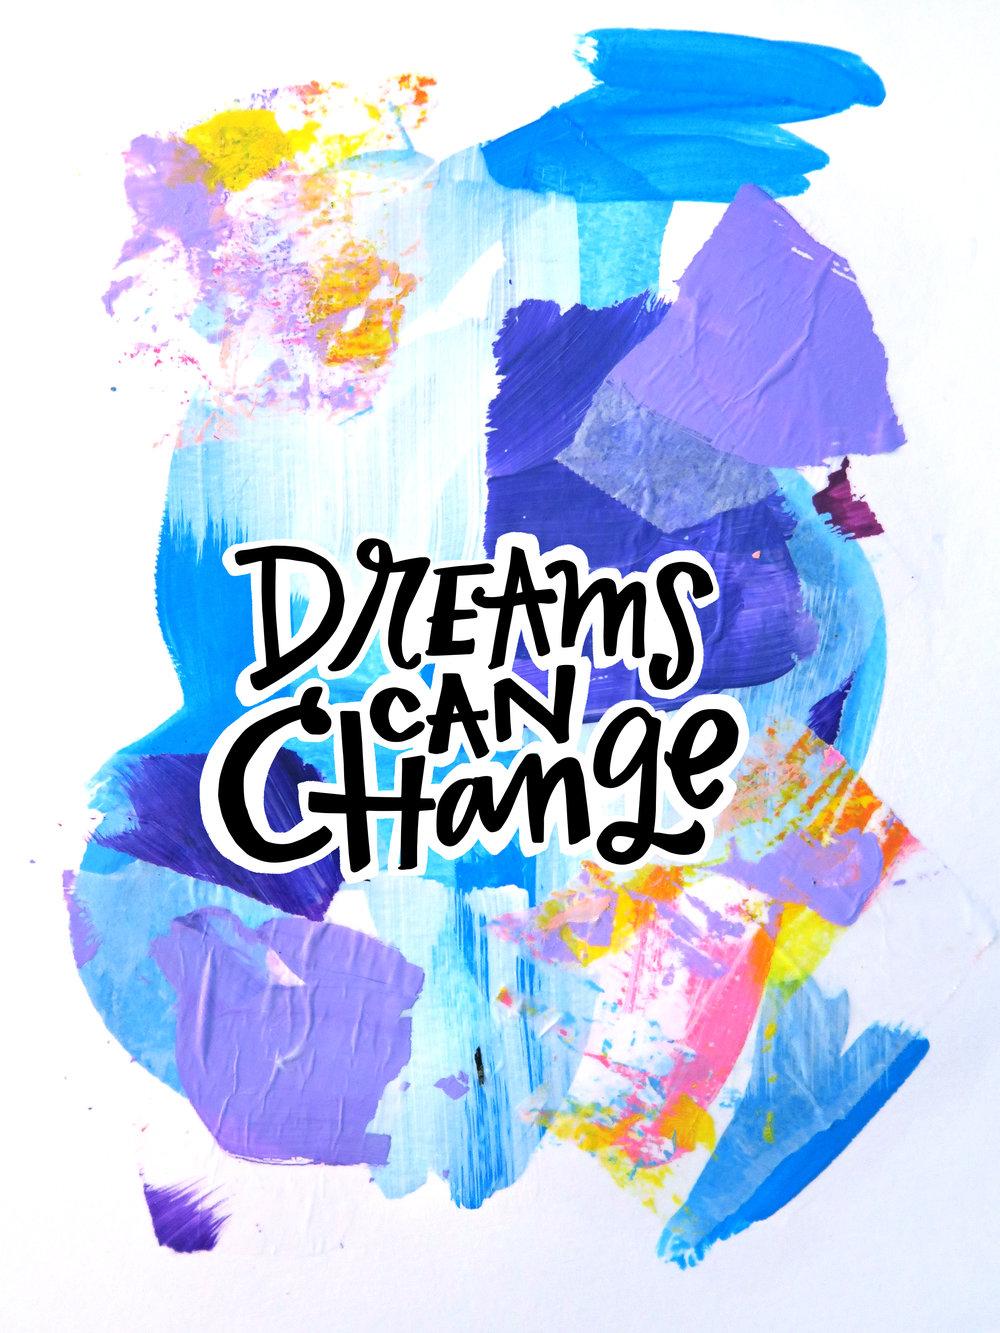 8/7/16: Dreams